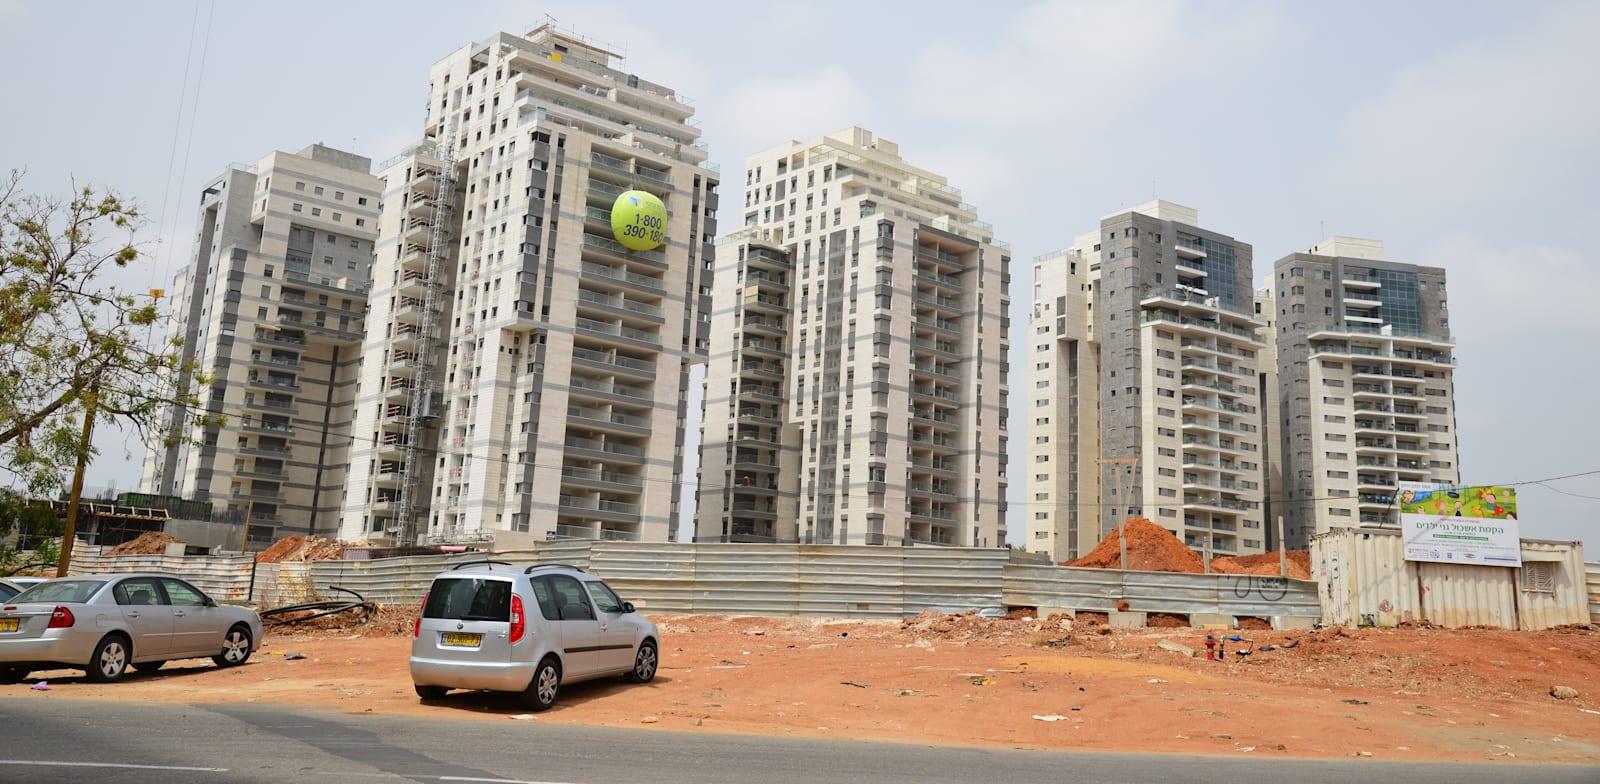 בנייה בניינים דירות הוד השרון / צילום: תמר מצפי